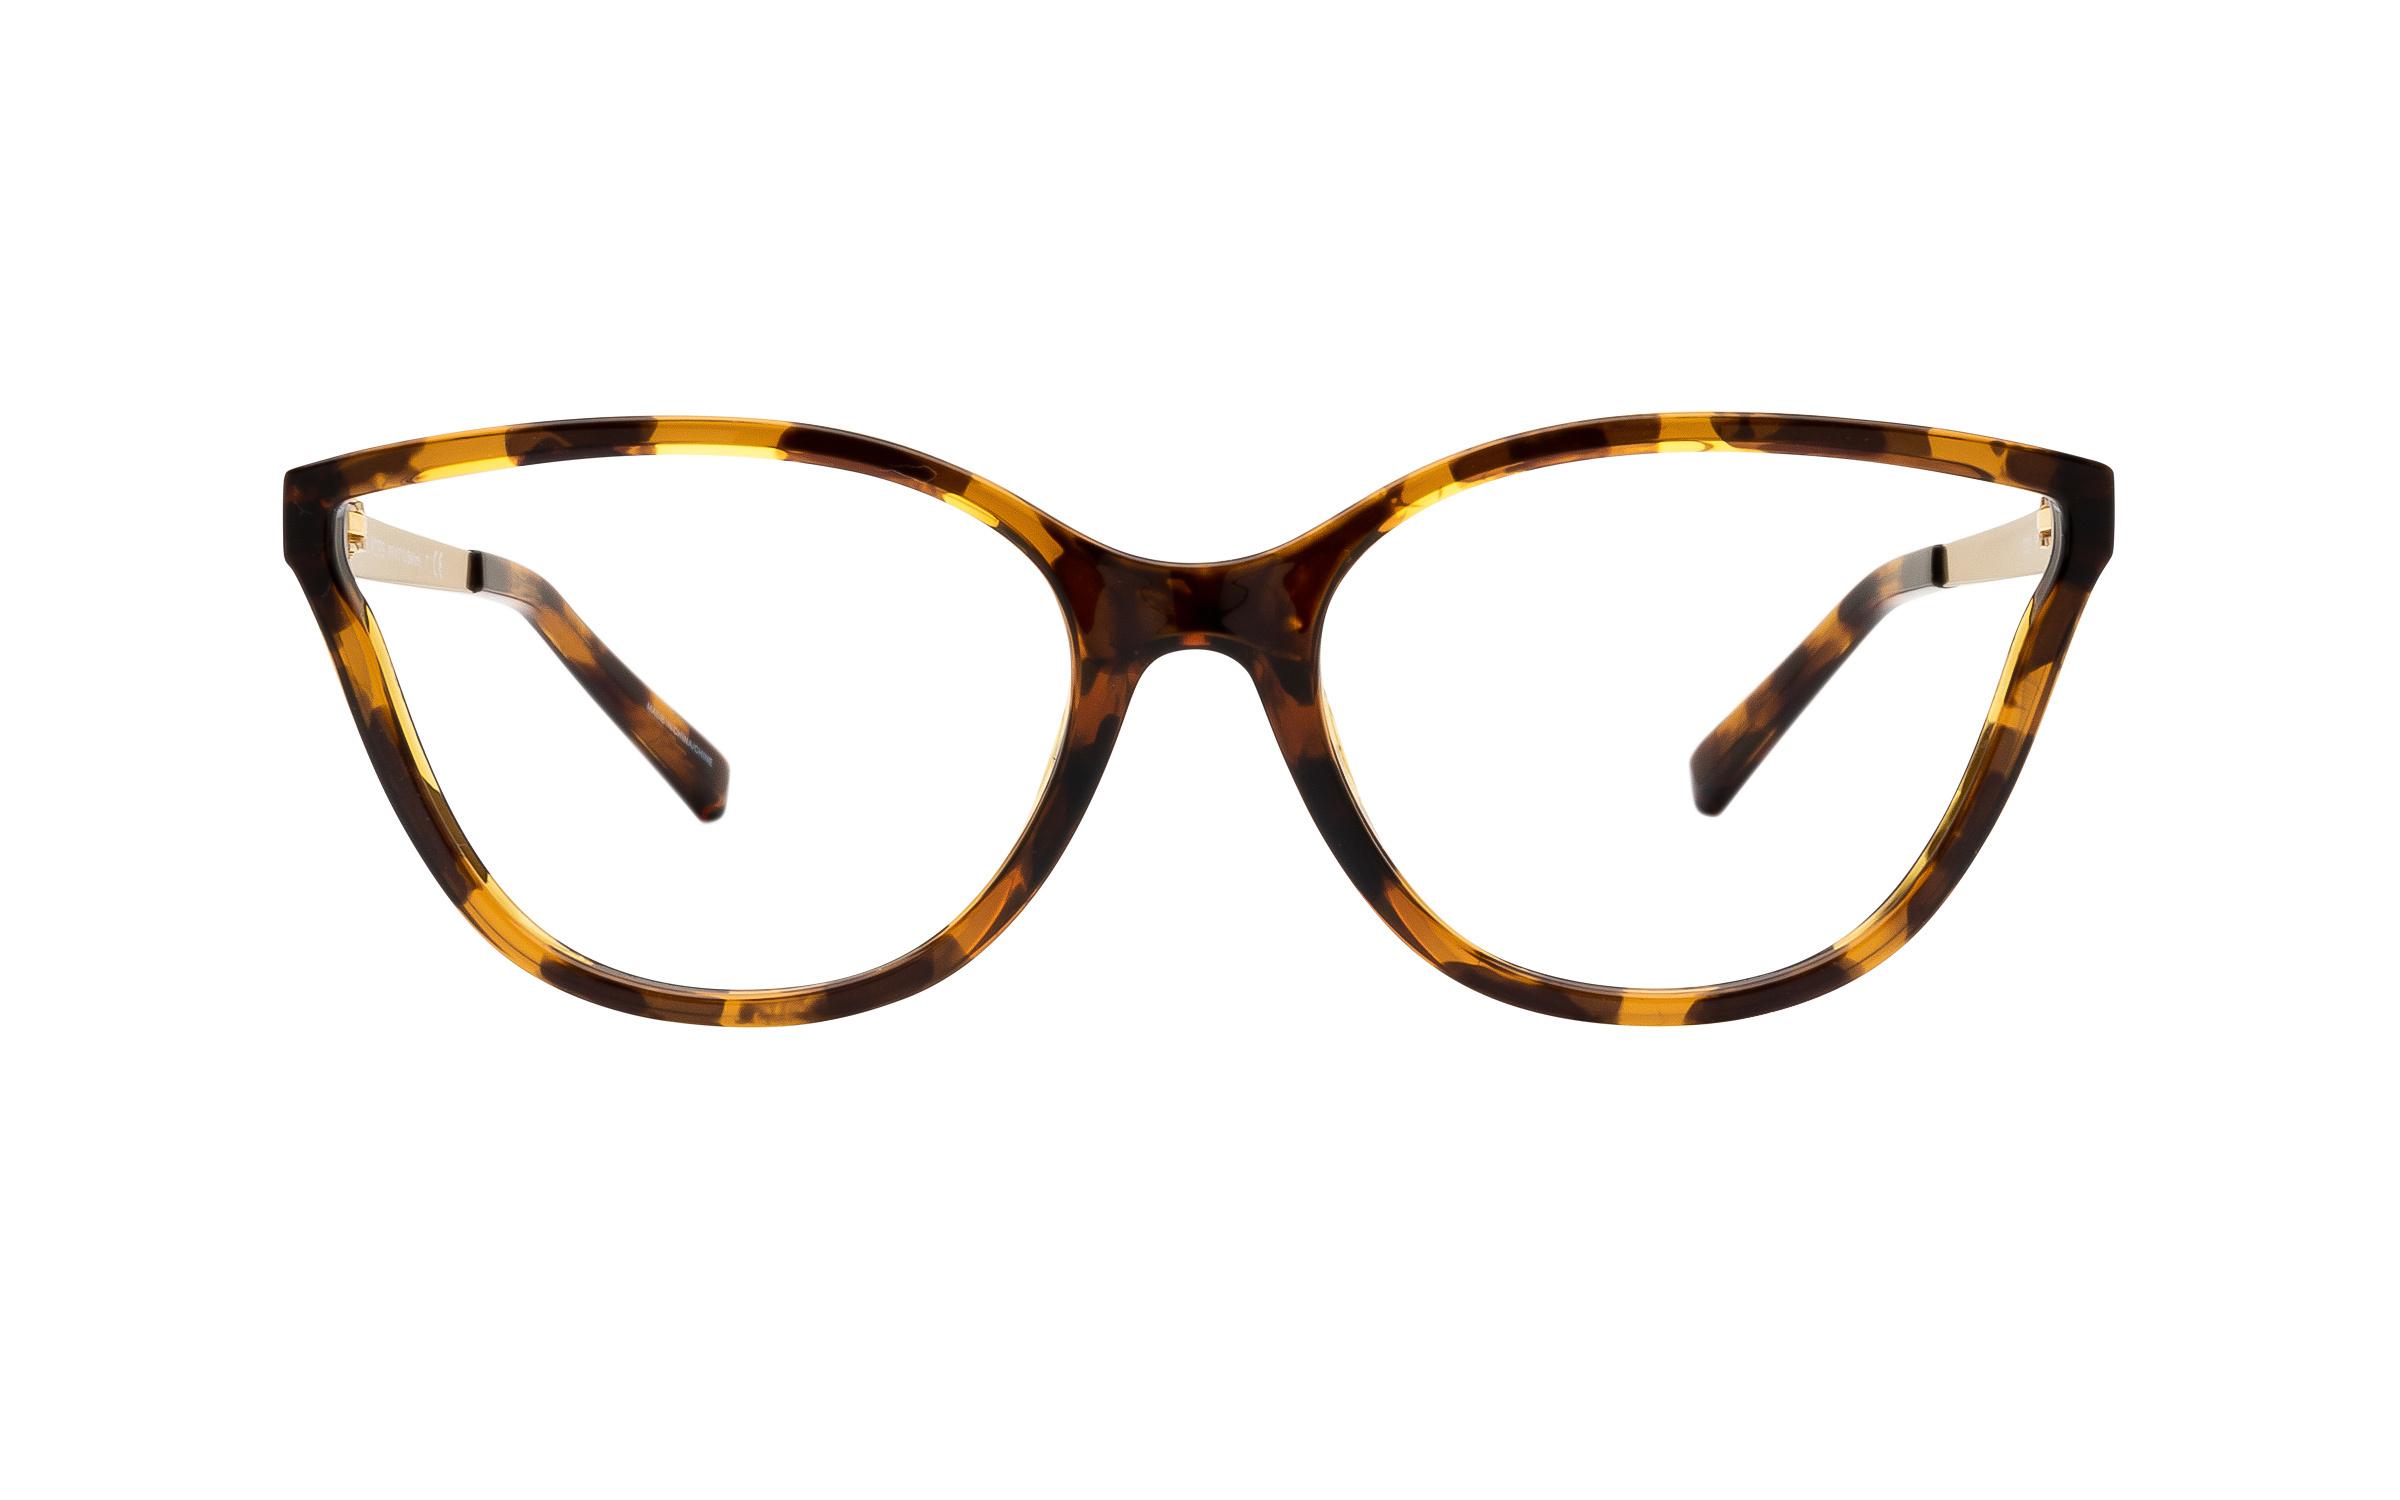 Michael Kors Belize MK4071U 3333 (55) Eyeglasses and Frame in Dark Tortoise | Acetate/Metal - Online Coastal